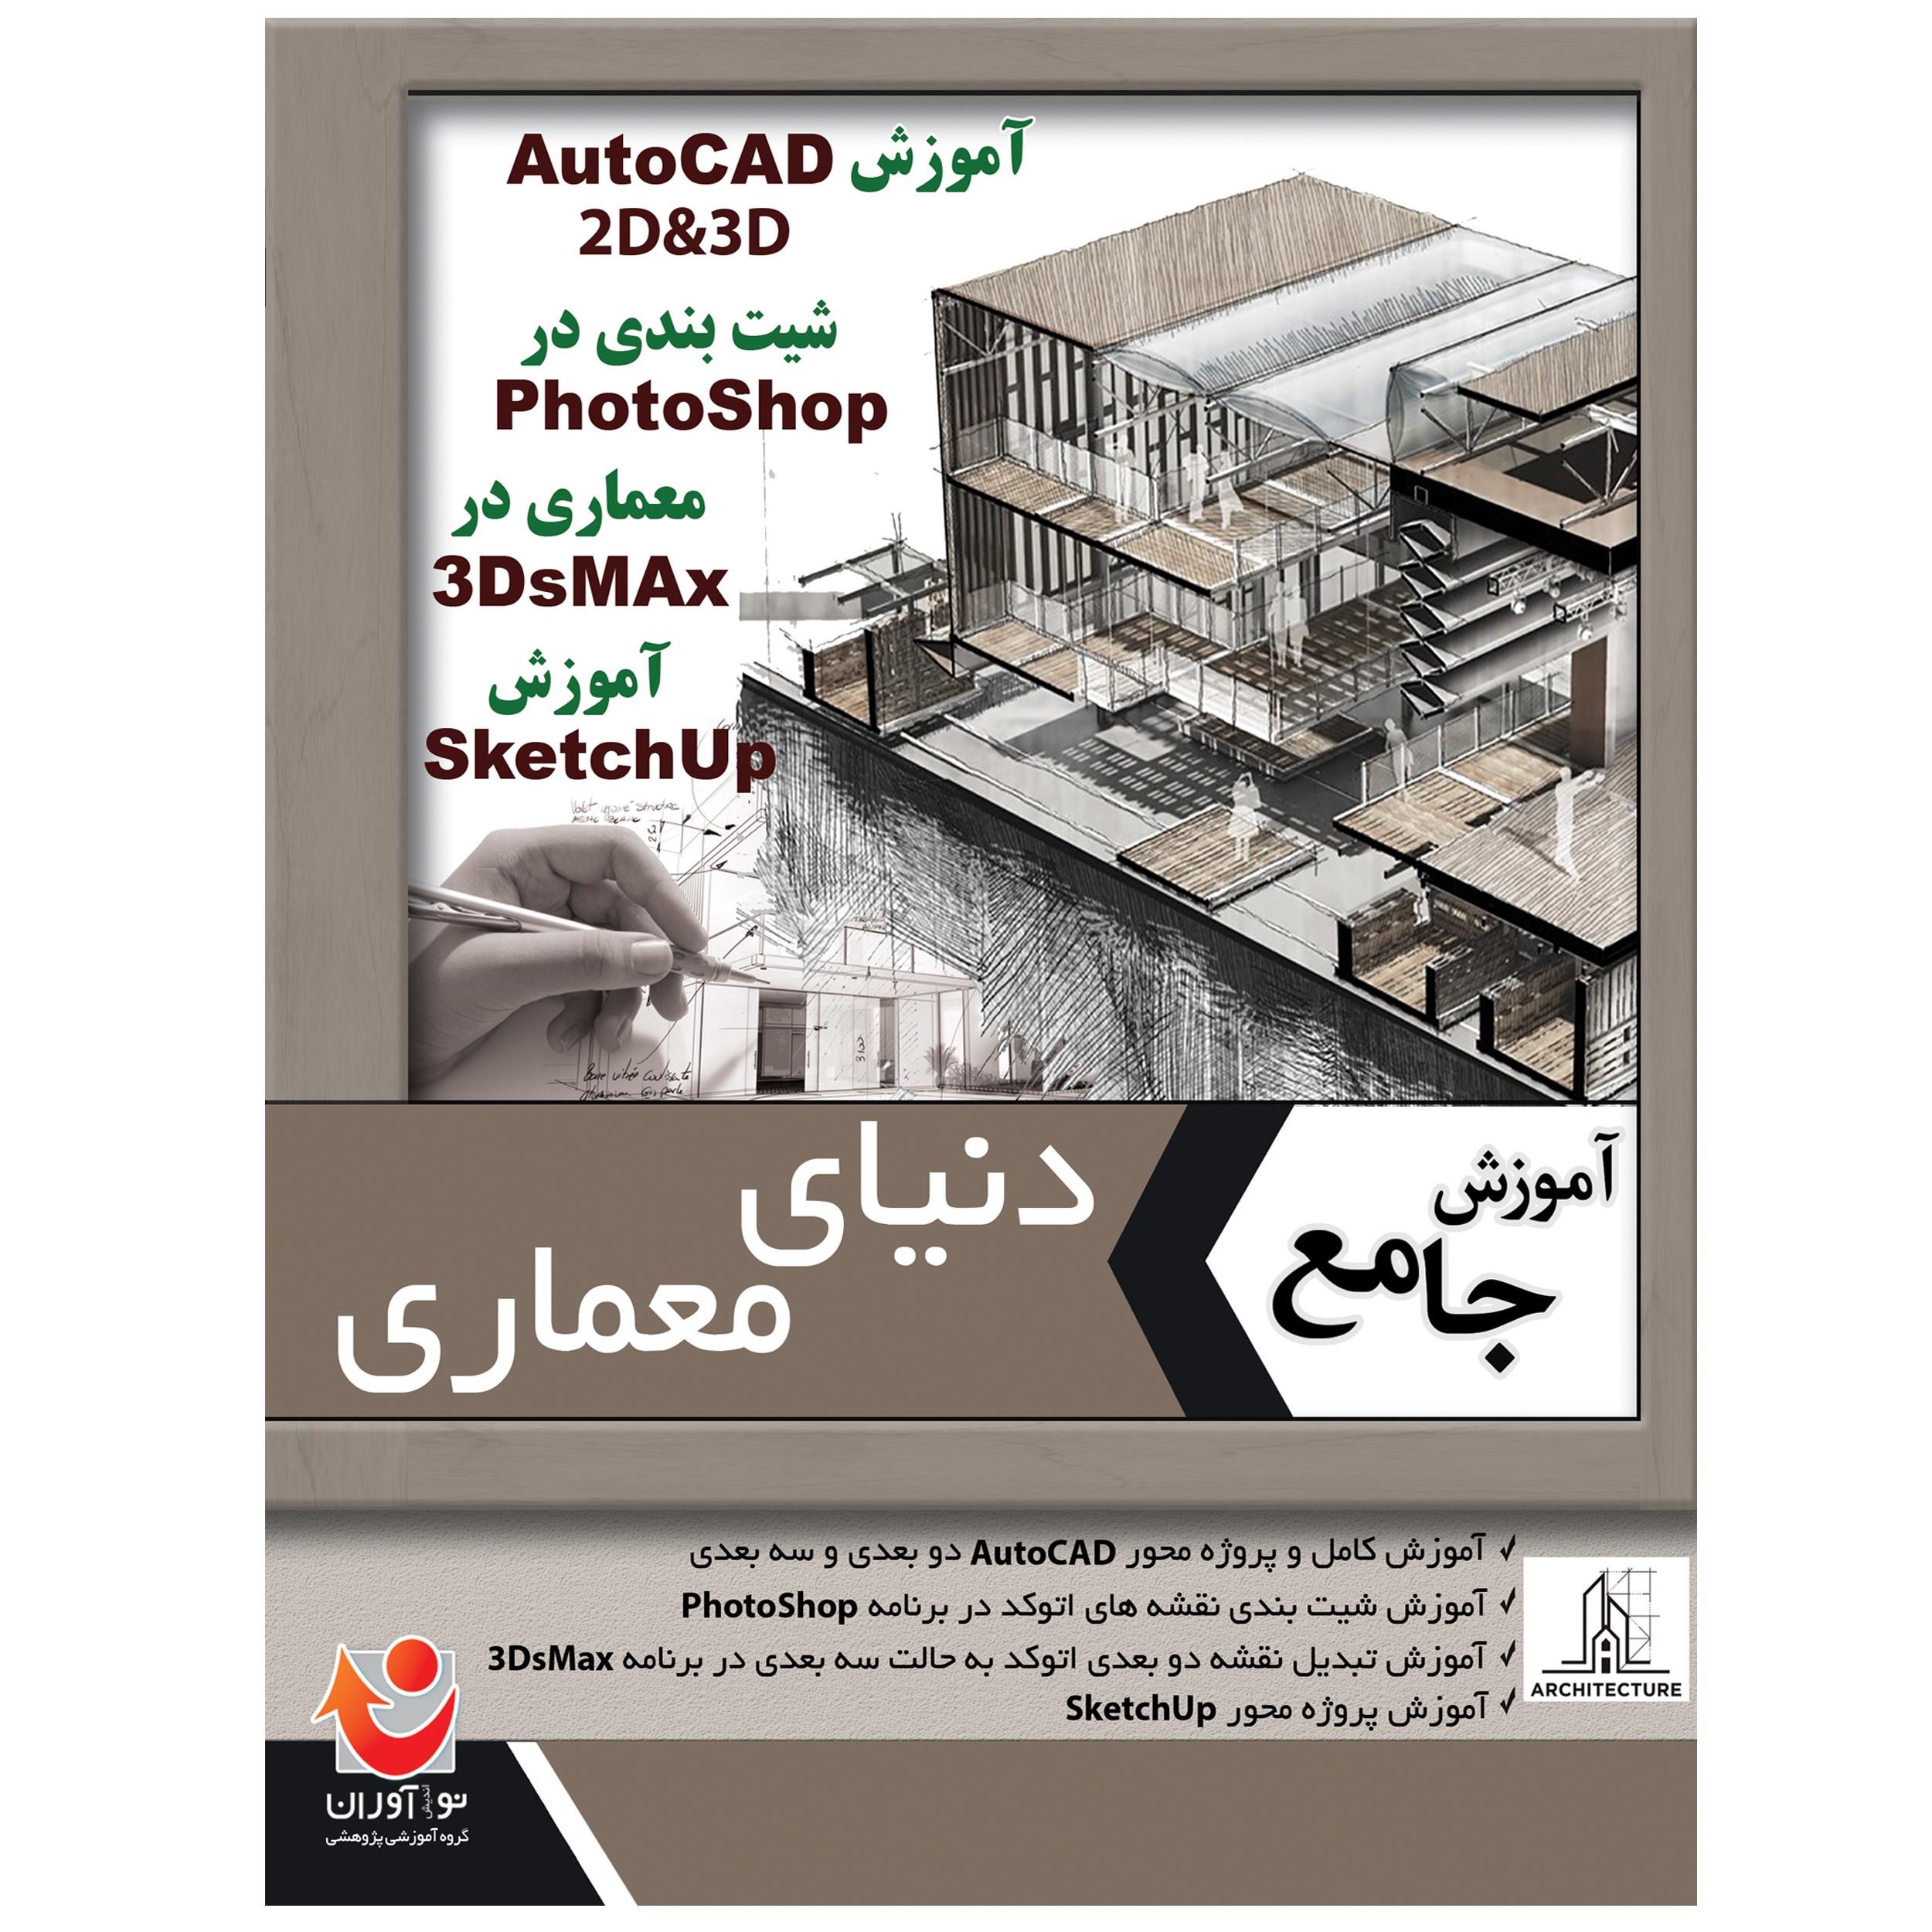 نرم افزار آموزش جامع دنیای معماری نشر نوآوران